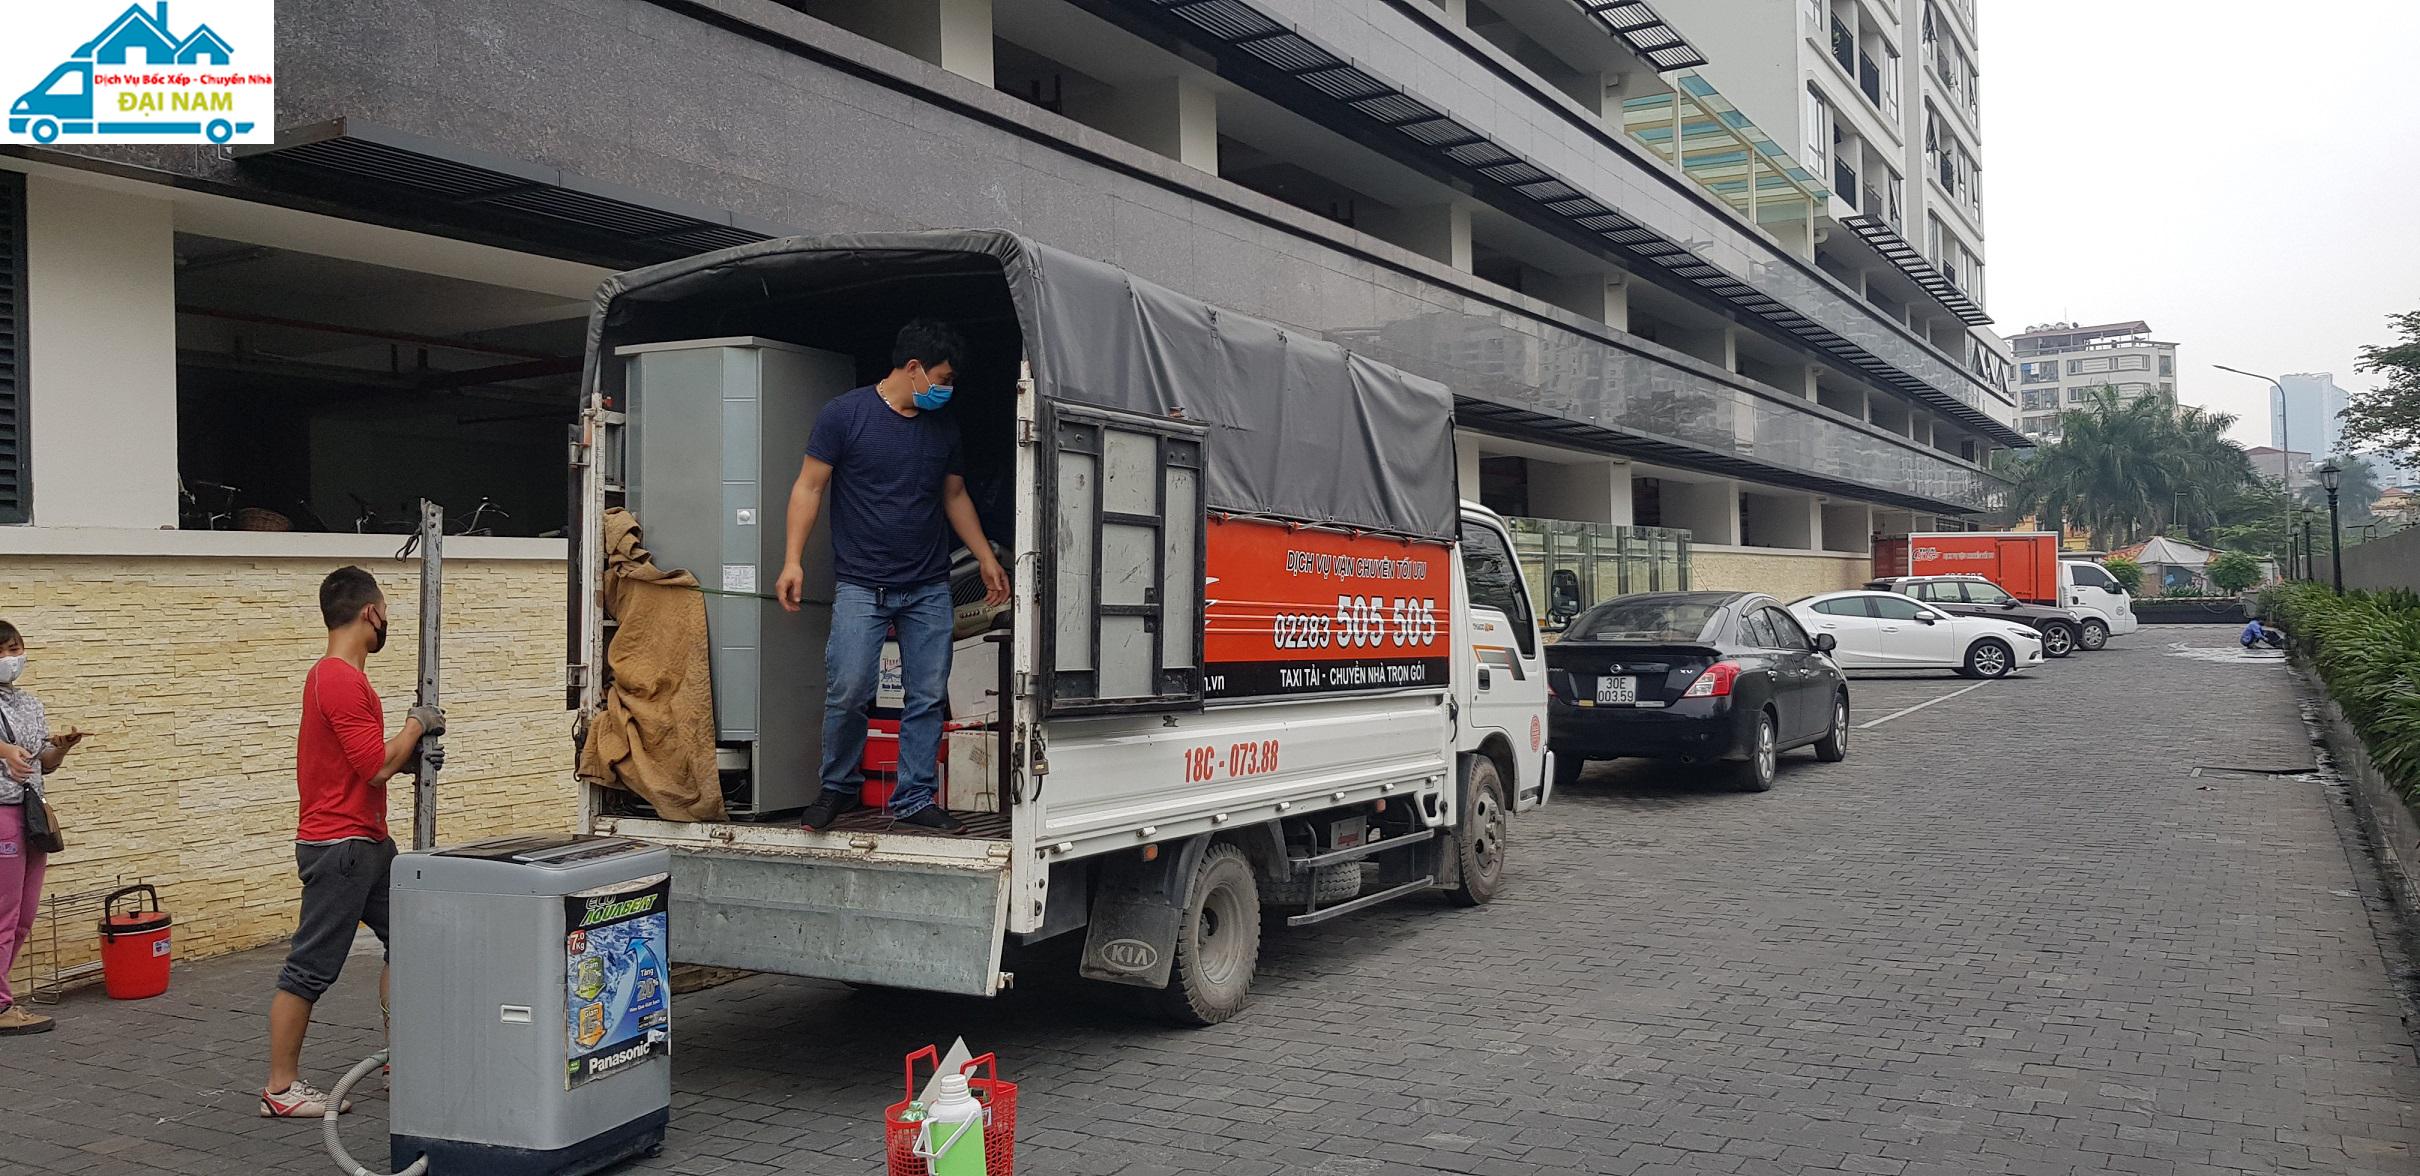 Dịch vụ cung ứng lao động nhanh chóng, tiết kiệm chi phí